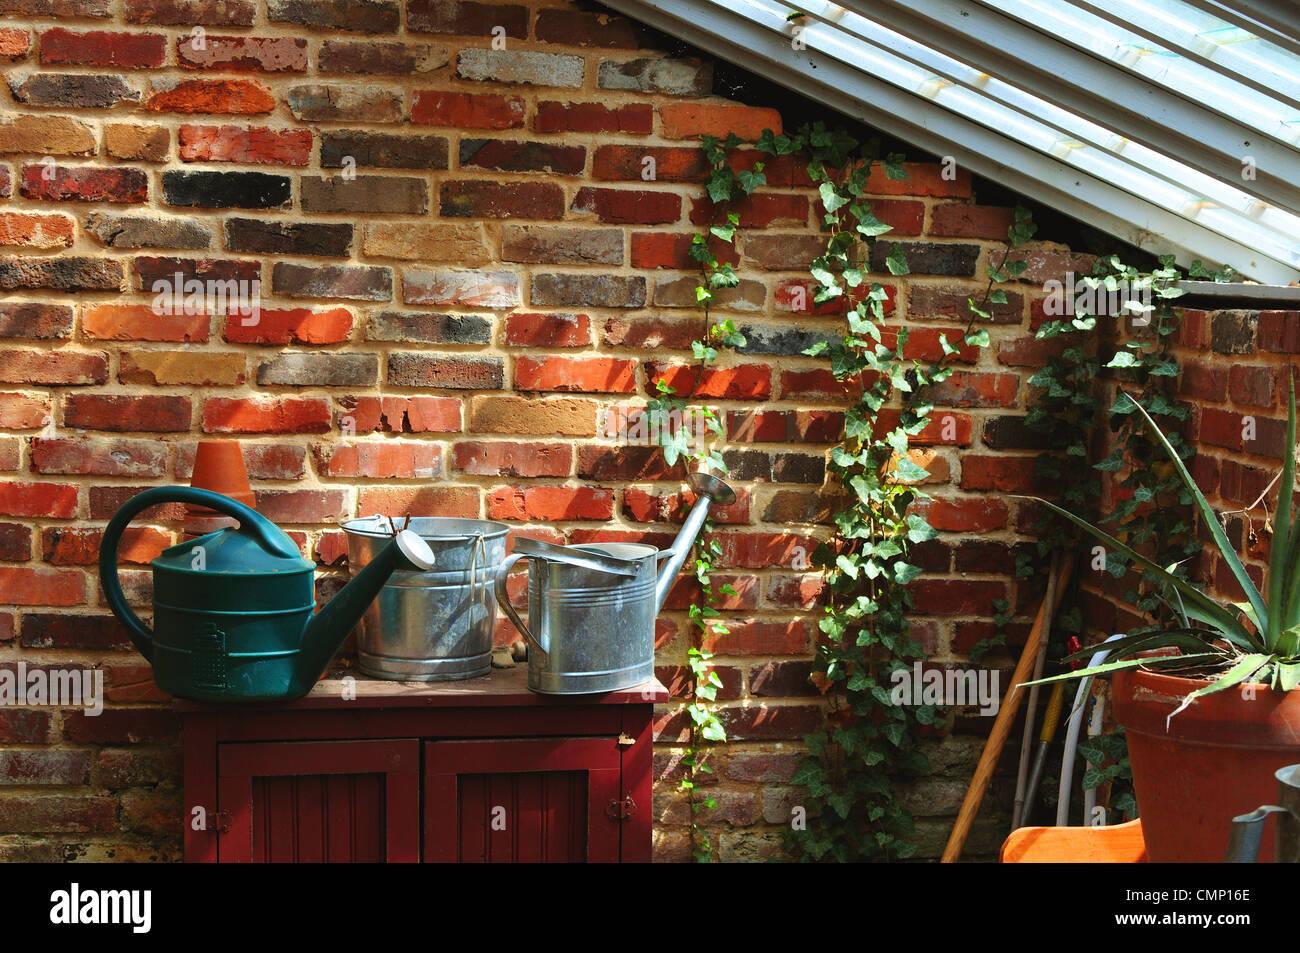 Potting shed - Stock Image